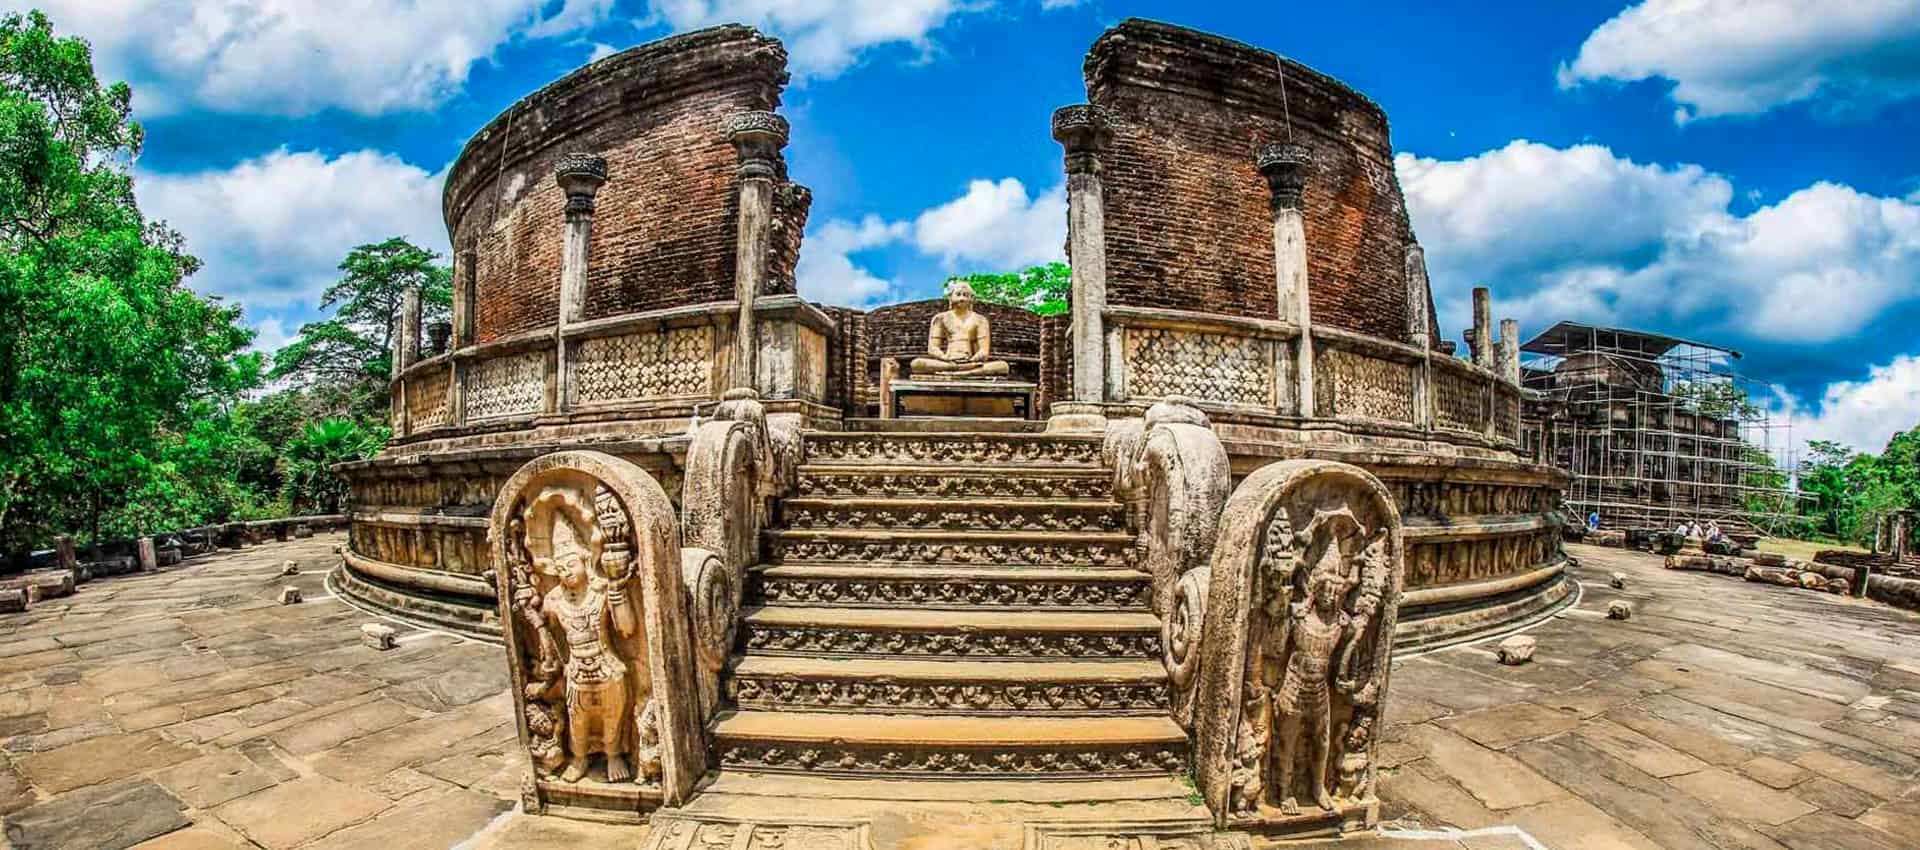 Polonnaruwa Sri Lanka Travel Partner